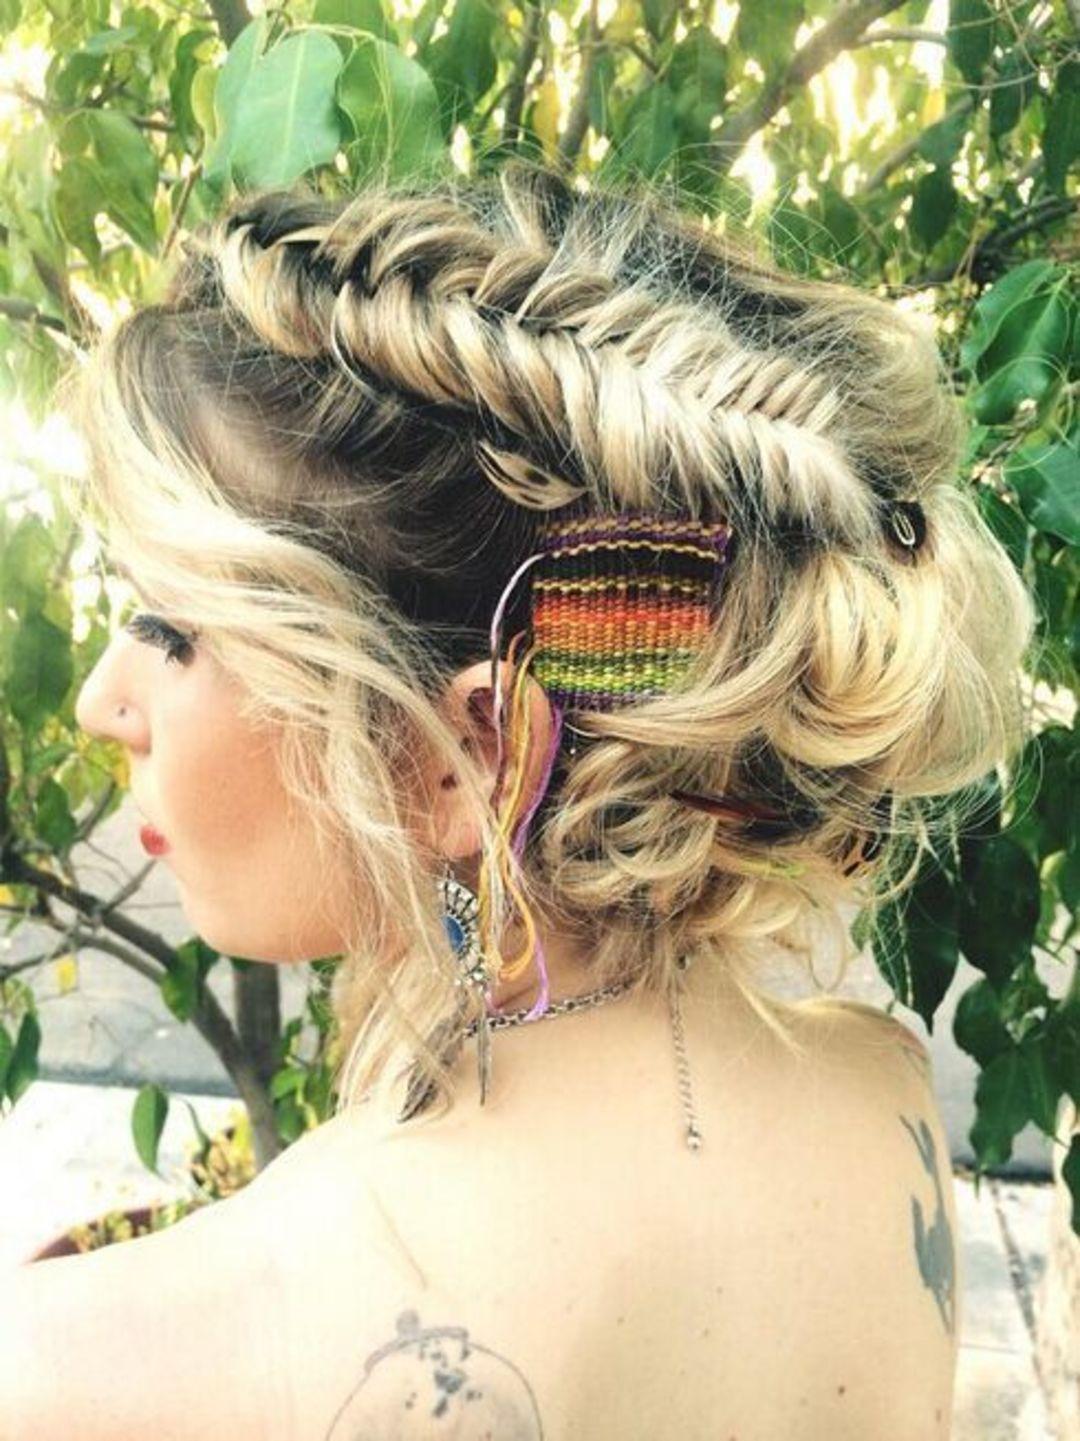 人类为了美,折腾起头发来是没有极限的_时尚_好奇心日报